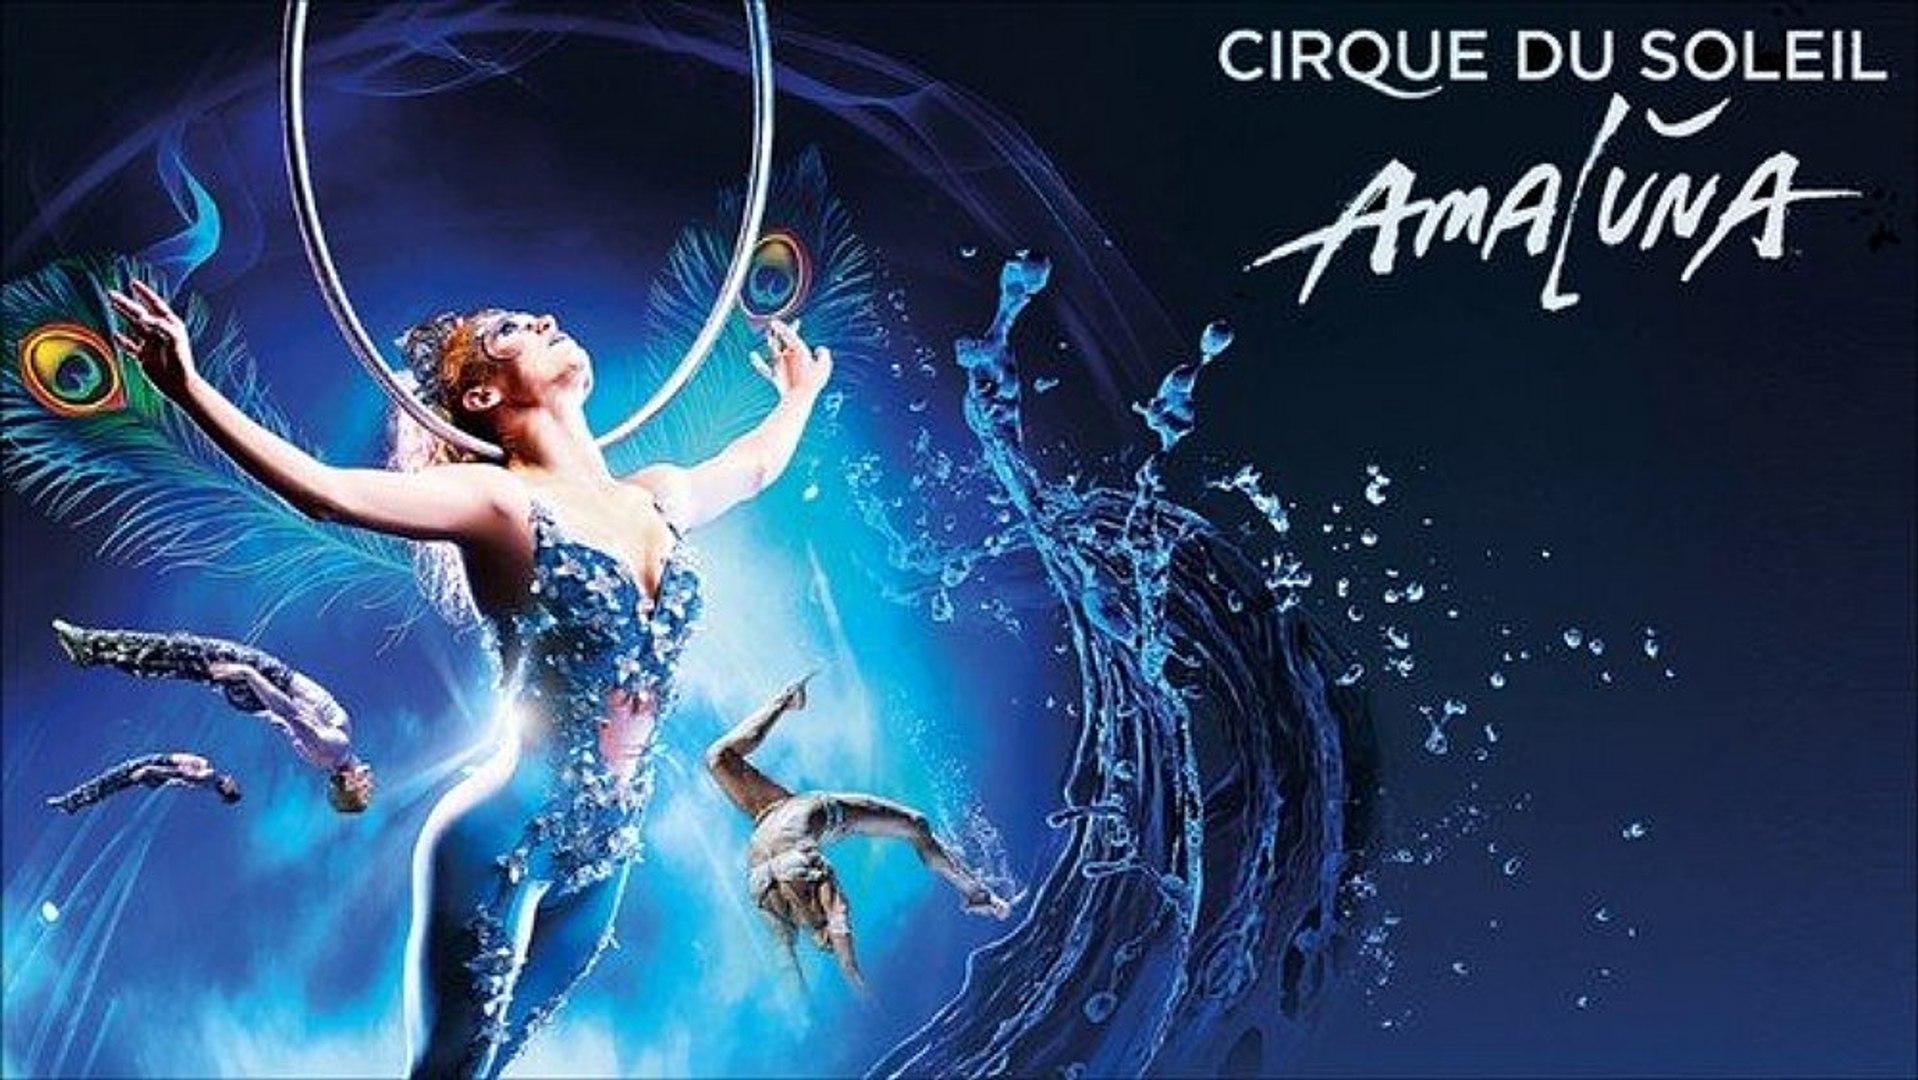 Amaluna Cirque Du Soleil Hd Video Dailymotion